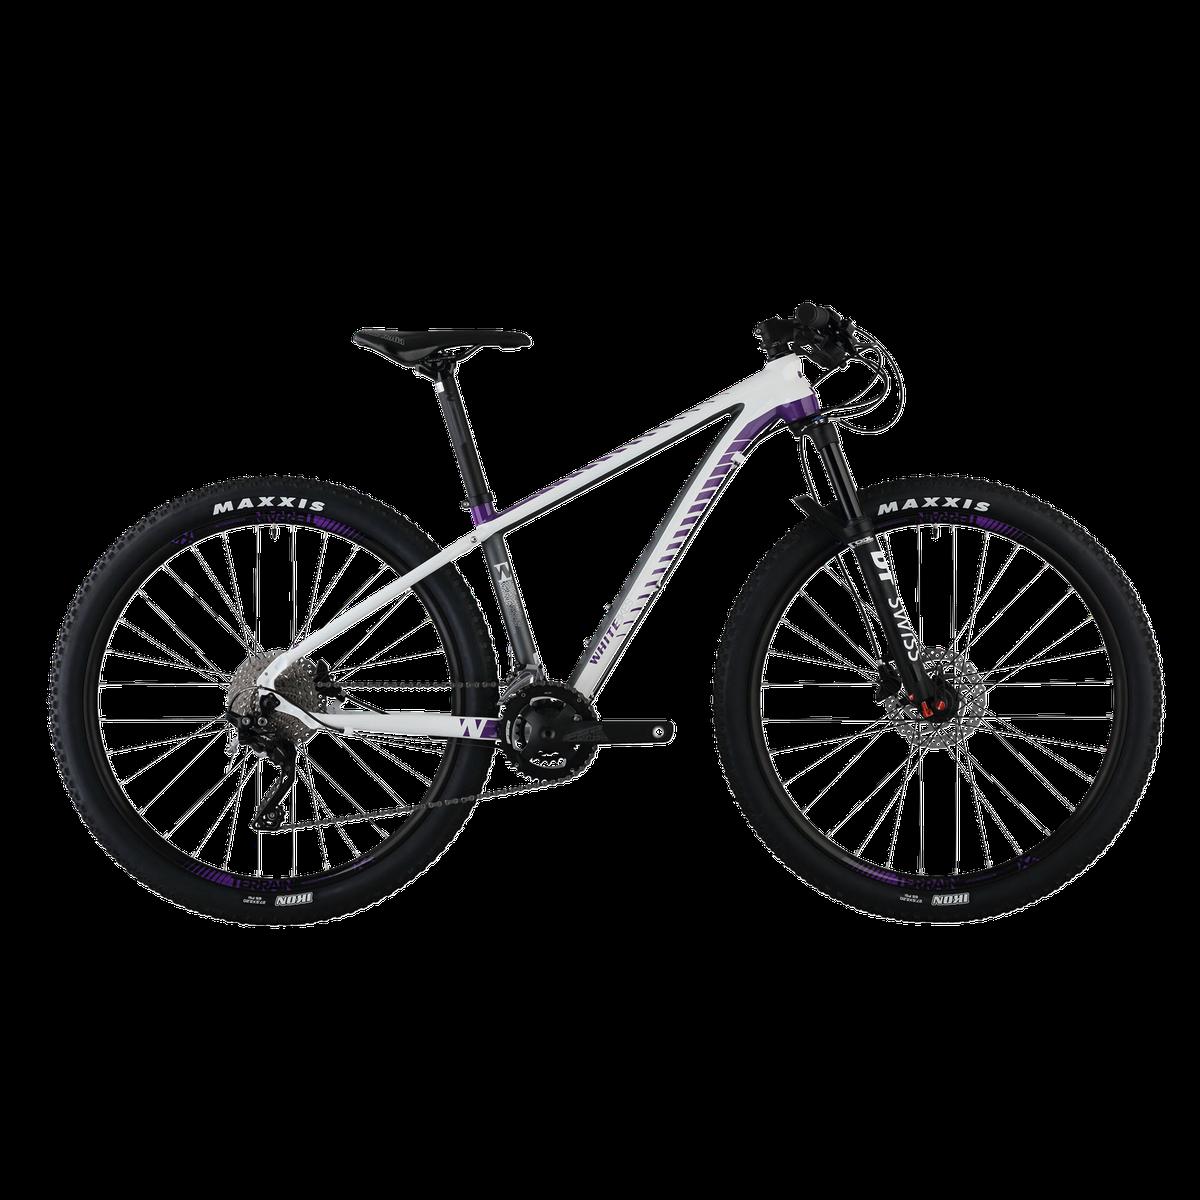 XC 275 Pro Ane 19, mountainbike, dame (FØRPRIS 7999,-), Hvid | MTB